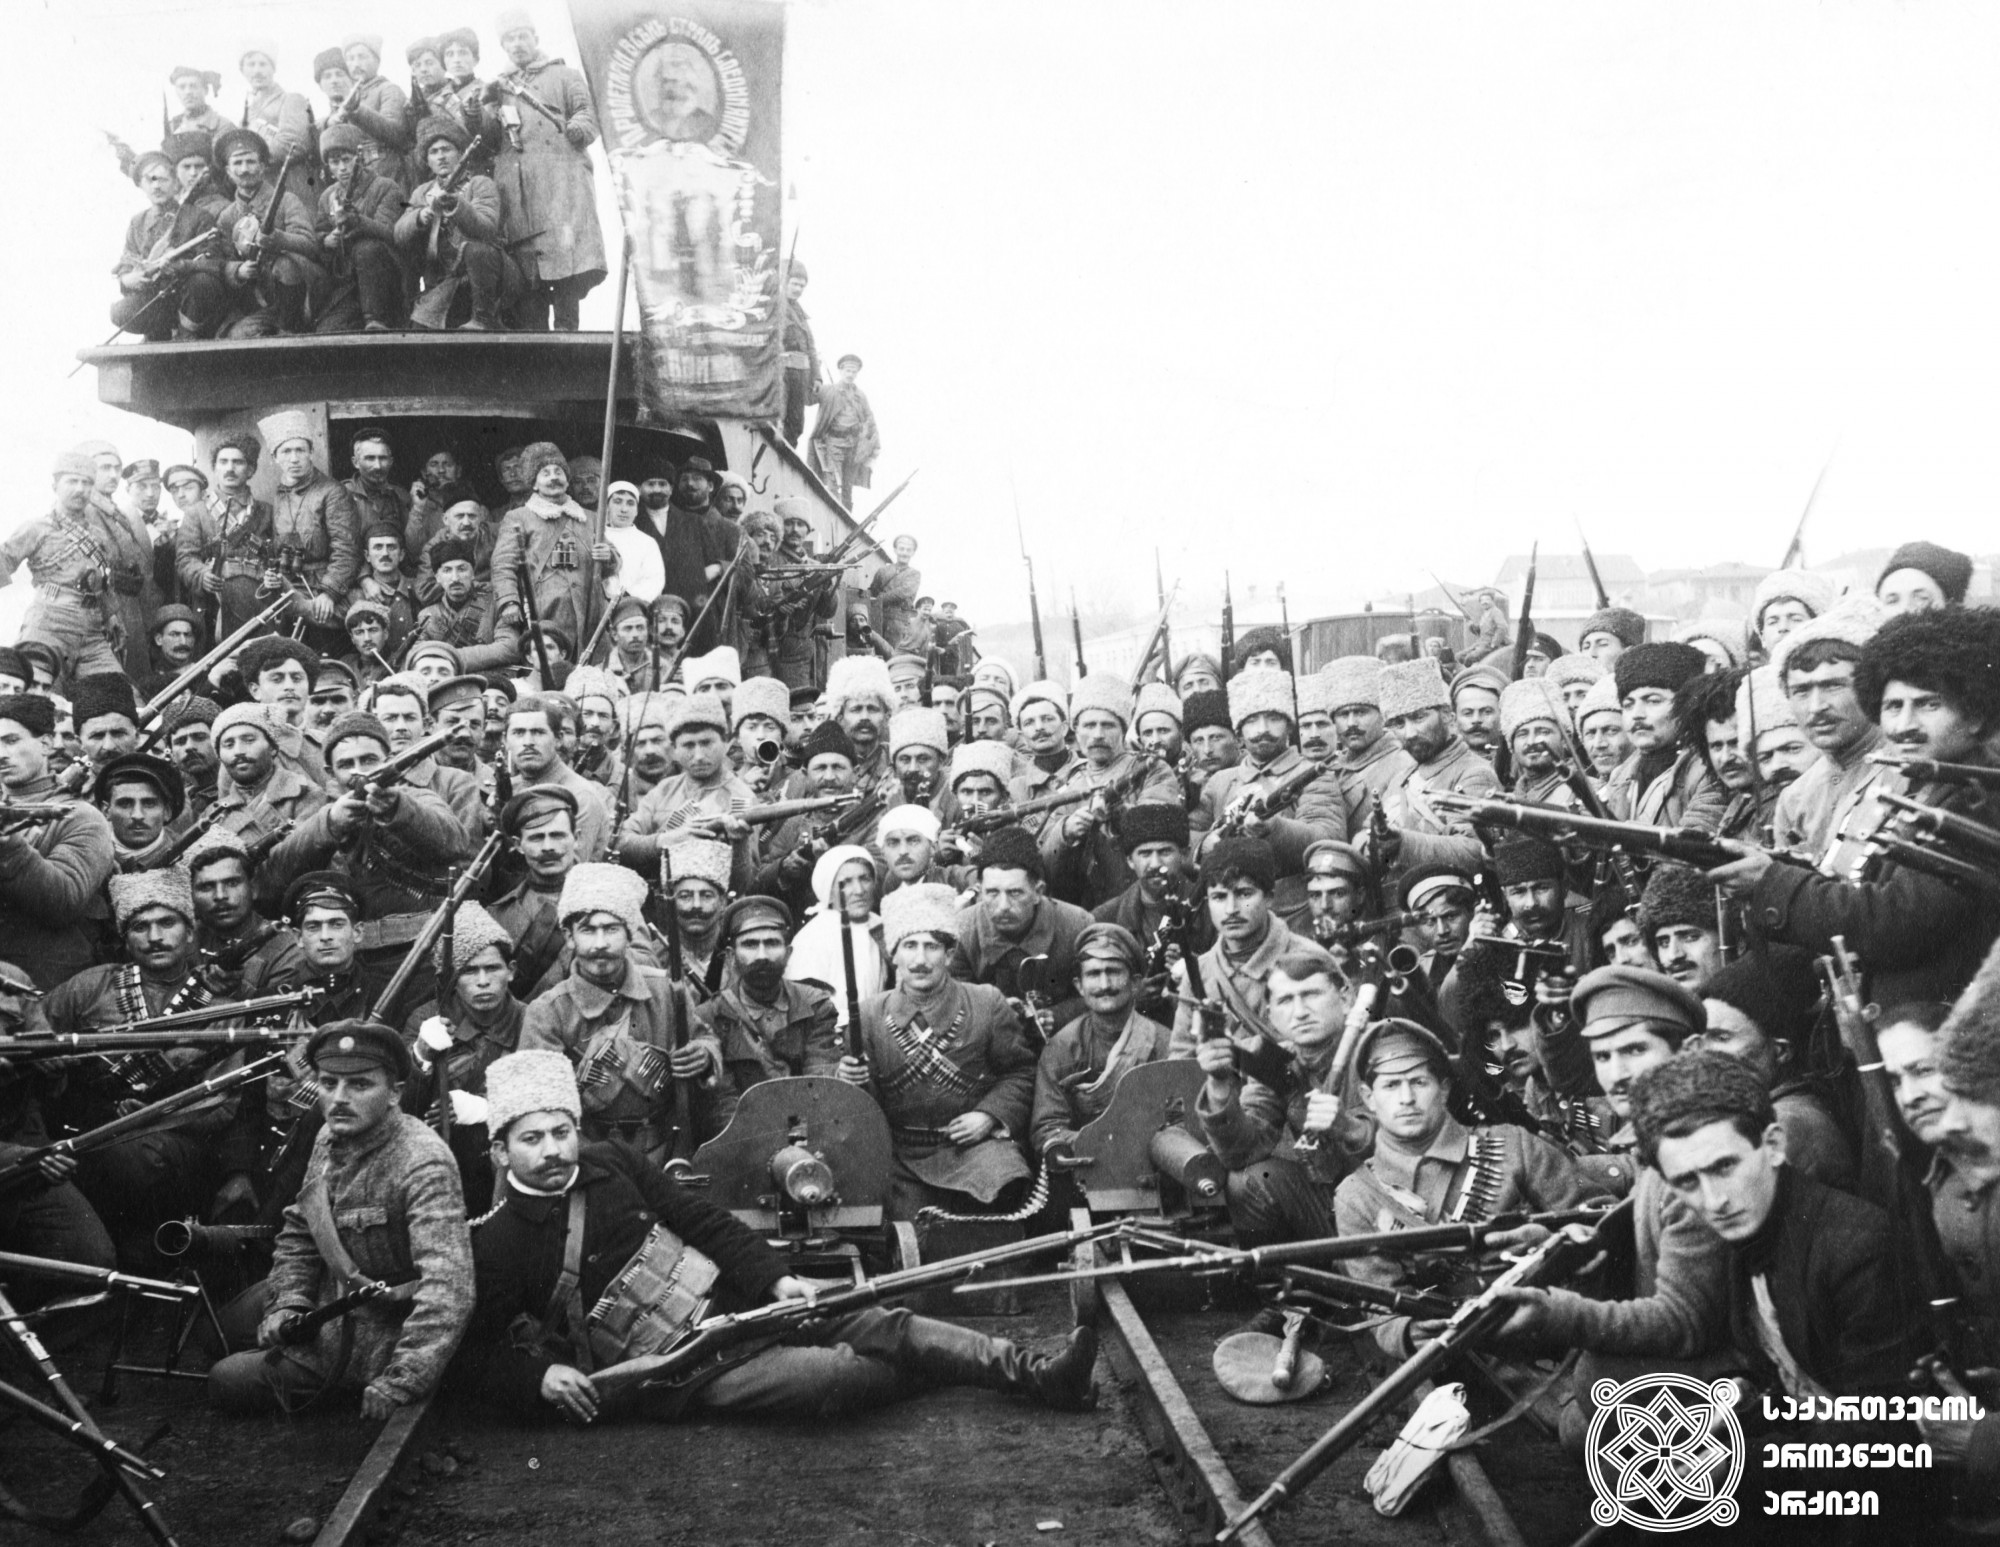 ქართველი გვარდიელები ჯავშნამატარებლით ქუთაისის რკინიგზის სადგურზე. <br> 1918 წლის თებერვალი. <br> Georgian Guardsmen on armored train at Kutaisi Railway Station. <br> February 1918.